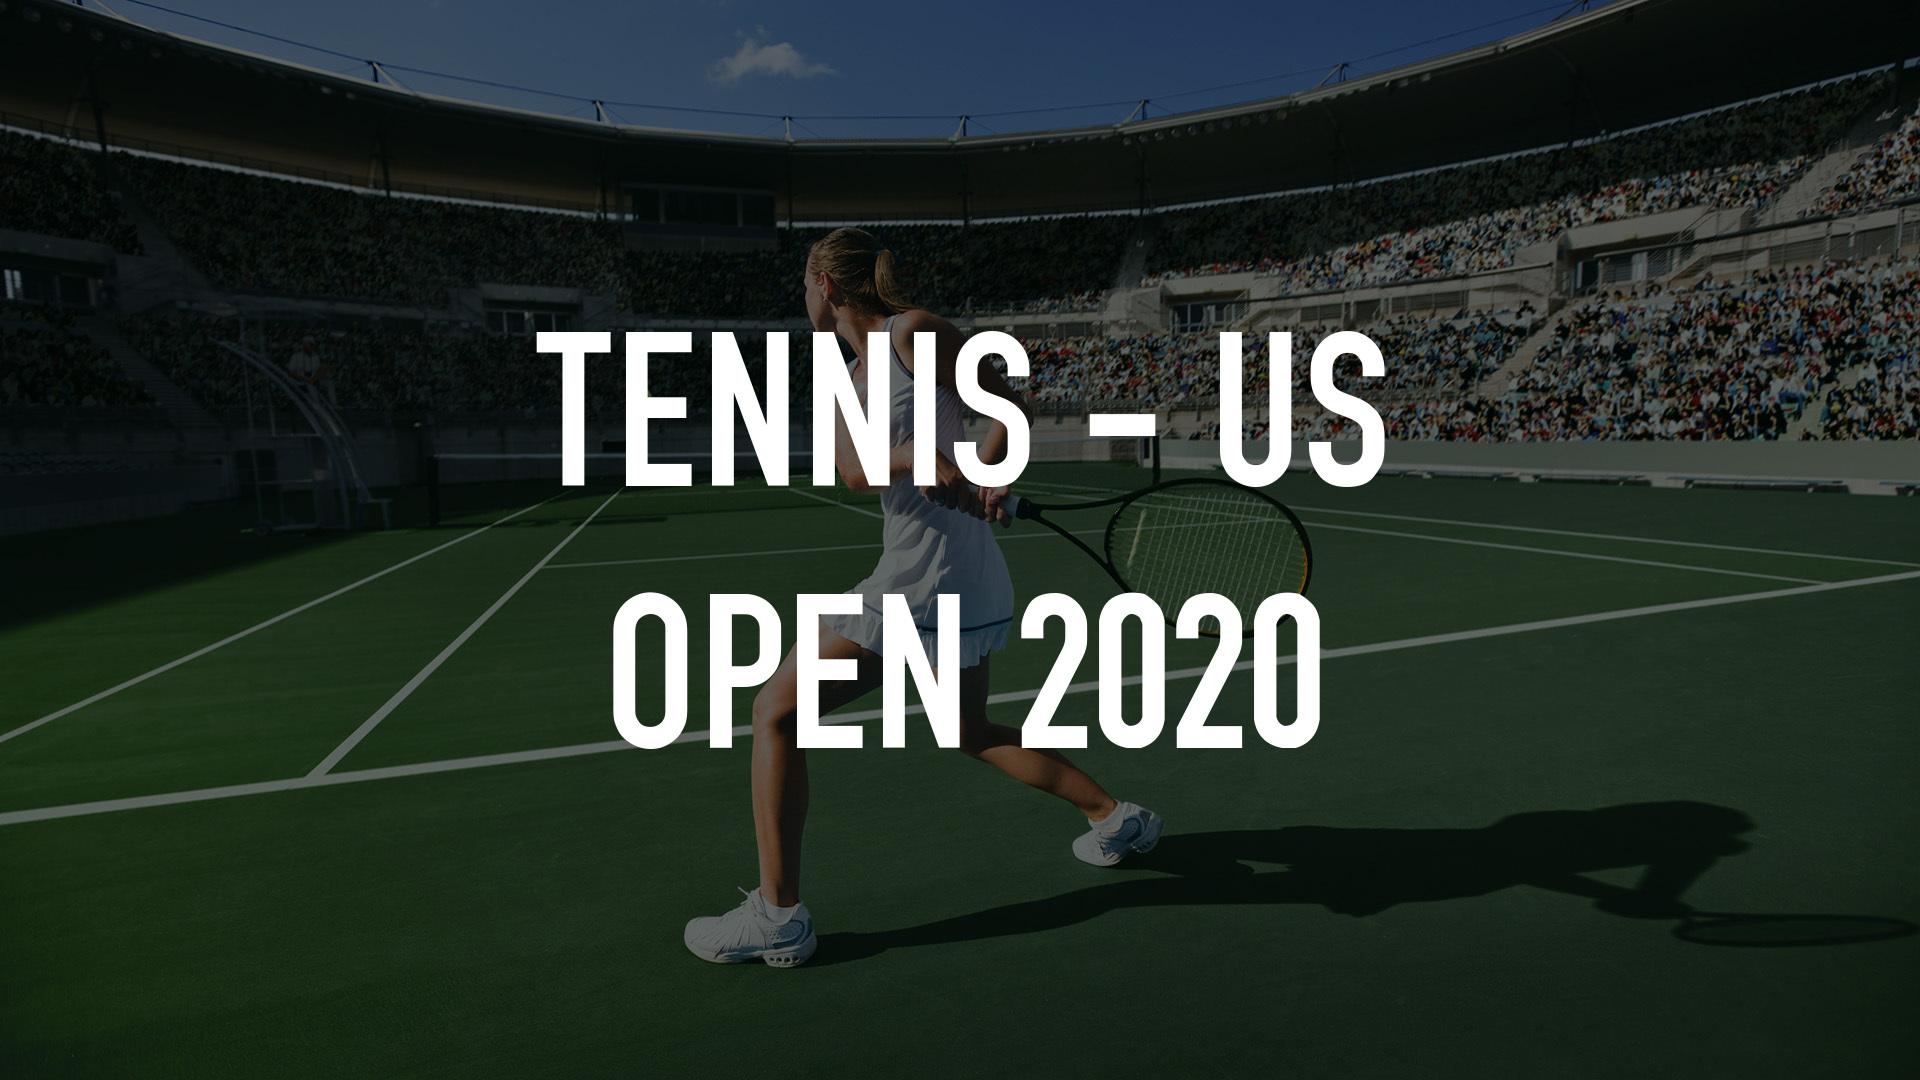 Tennis - US Open 2020